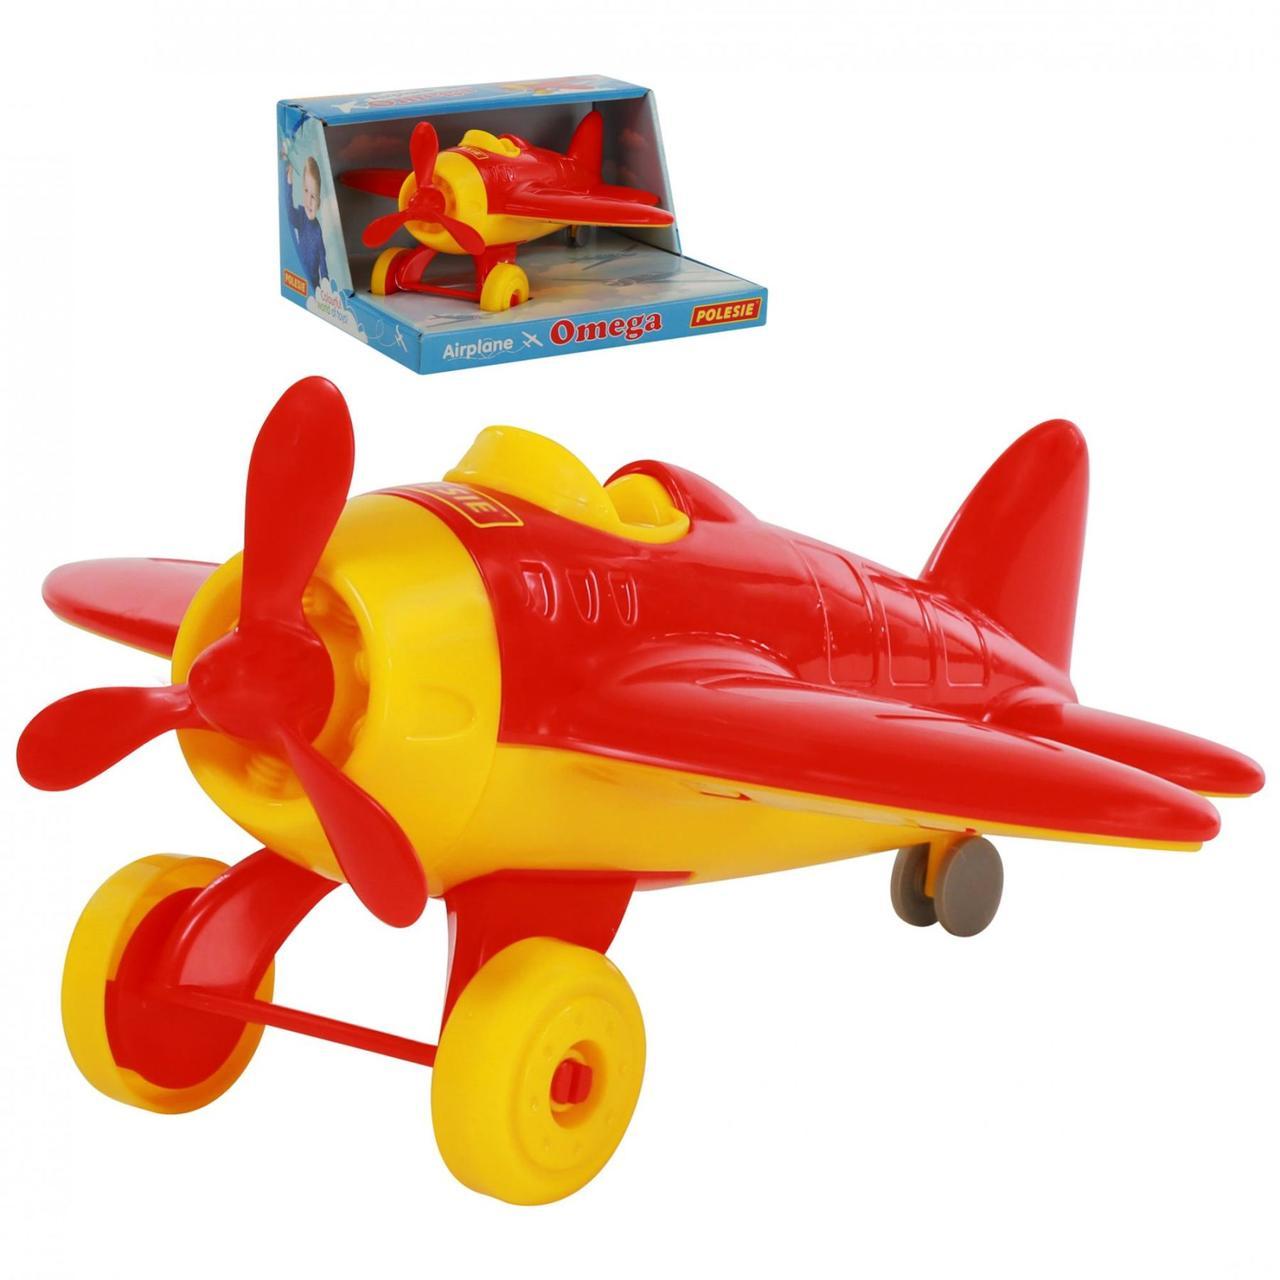 """Игрушка Polesie самолёт """"Омега"""" (в коробке) красный (70272-3)"""